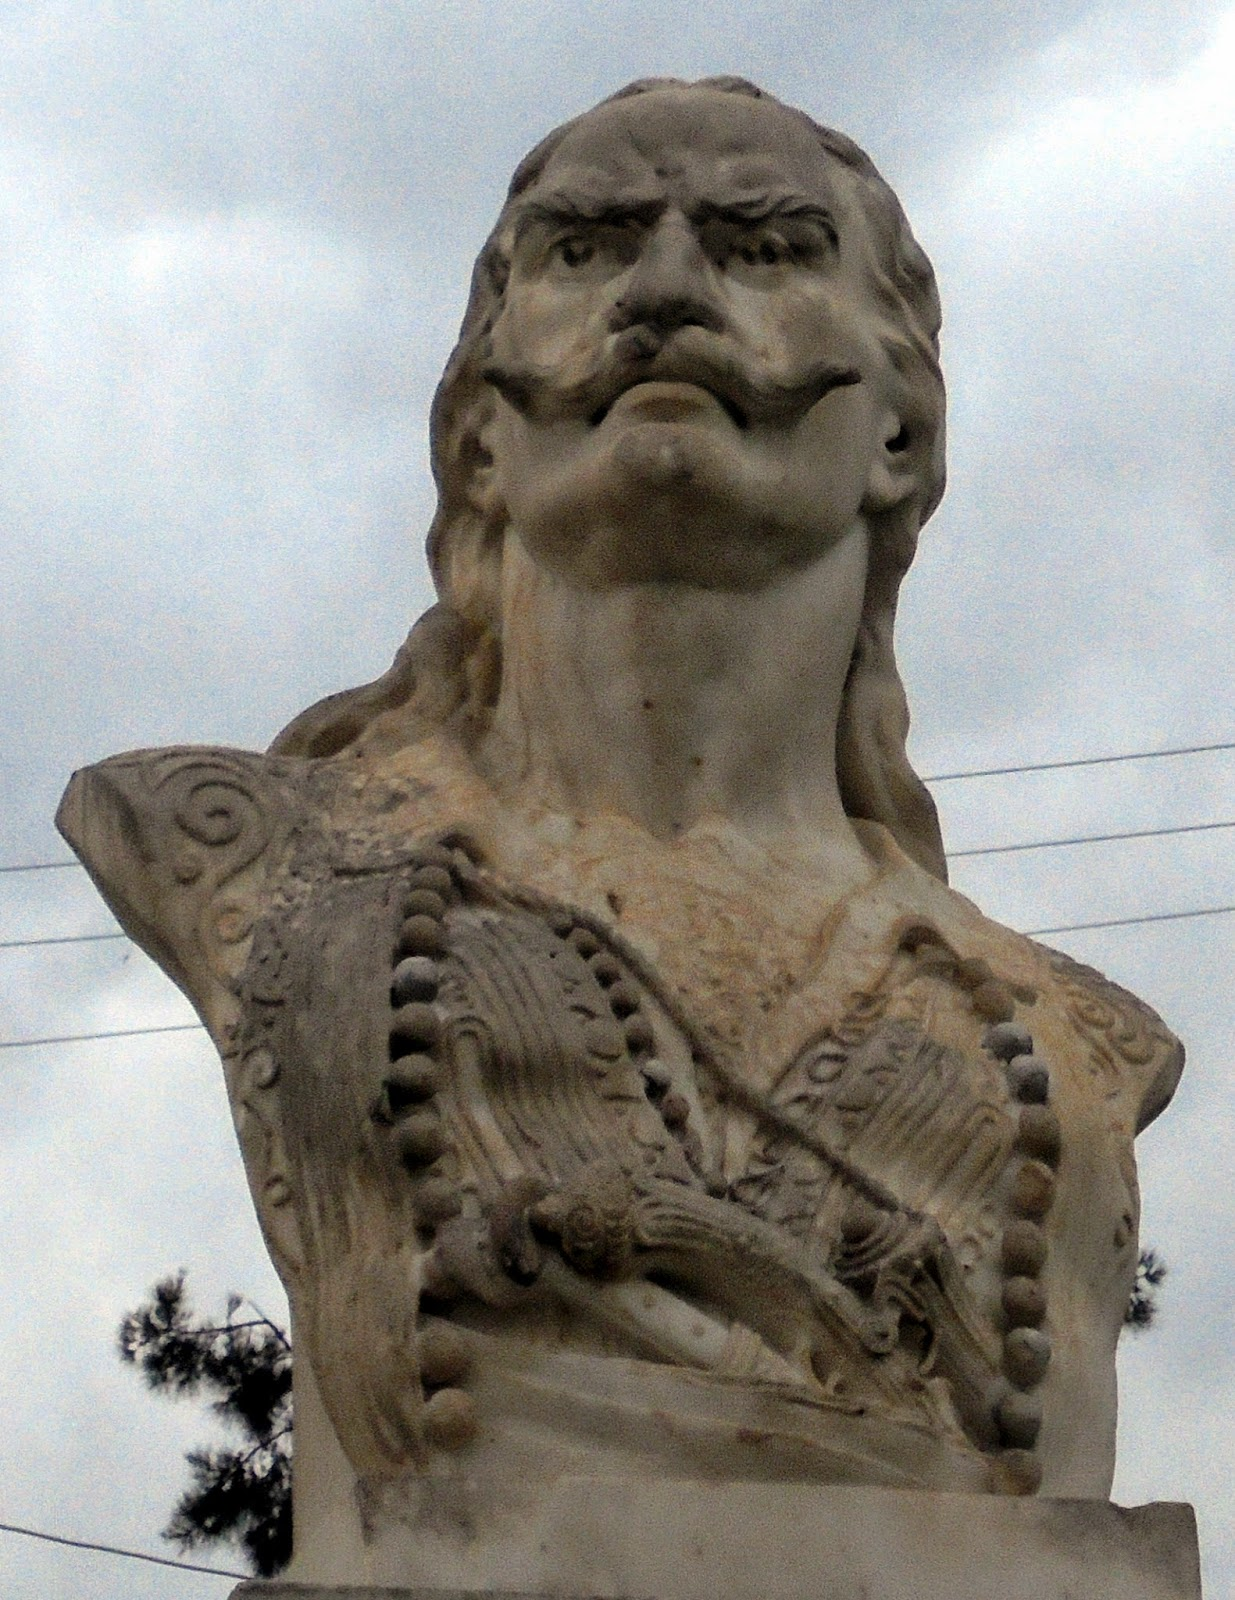 προτομή του Γρηγόρη Λιακατά στο Αιτωλικό